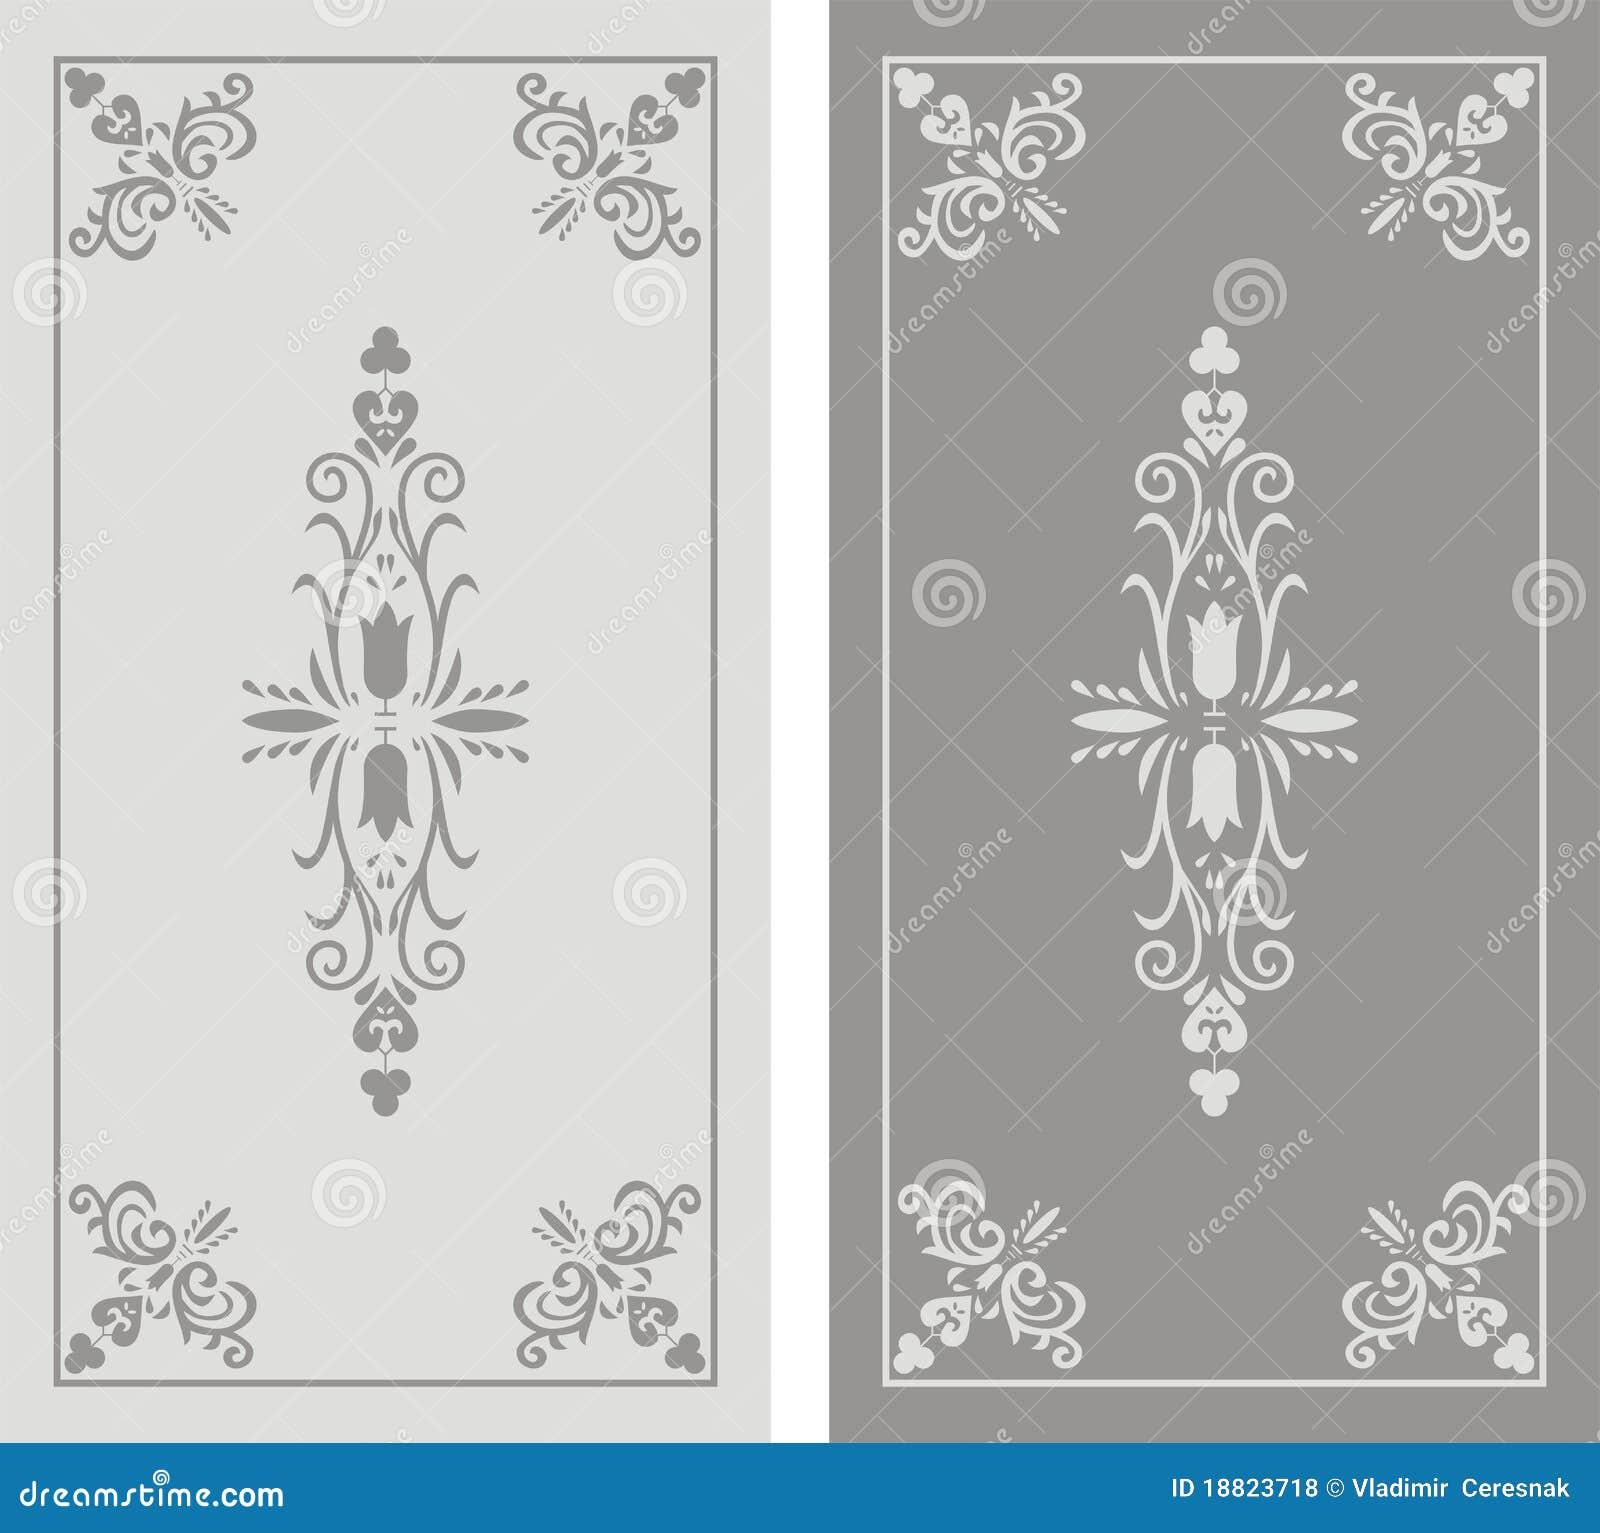 Pattern Of Sandblasted Window Stock Vector Illustration